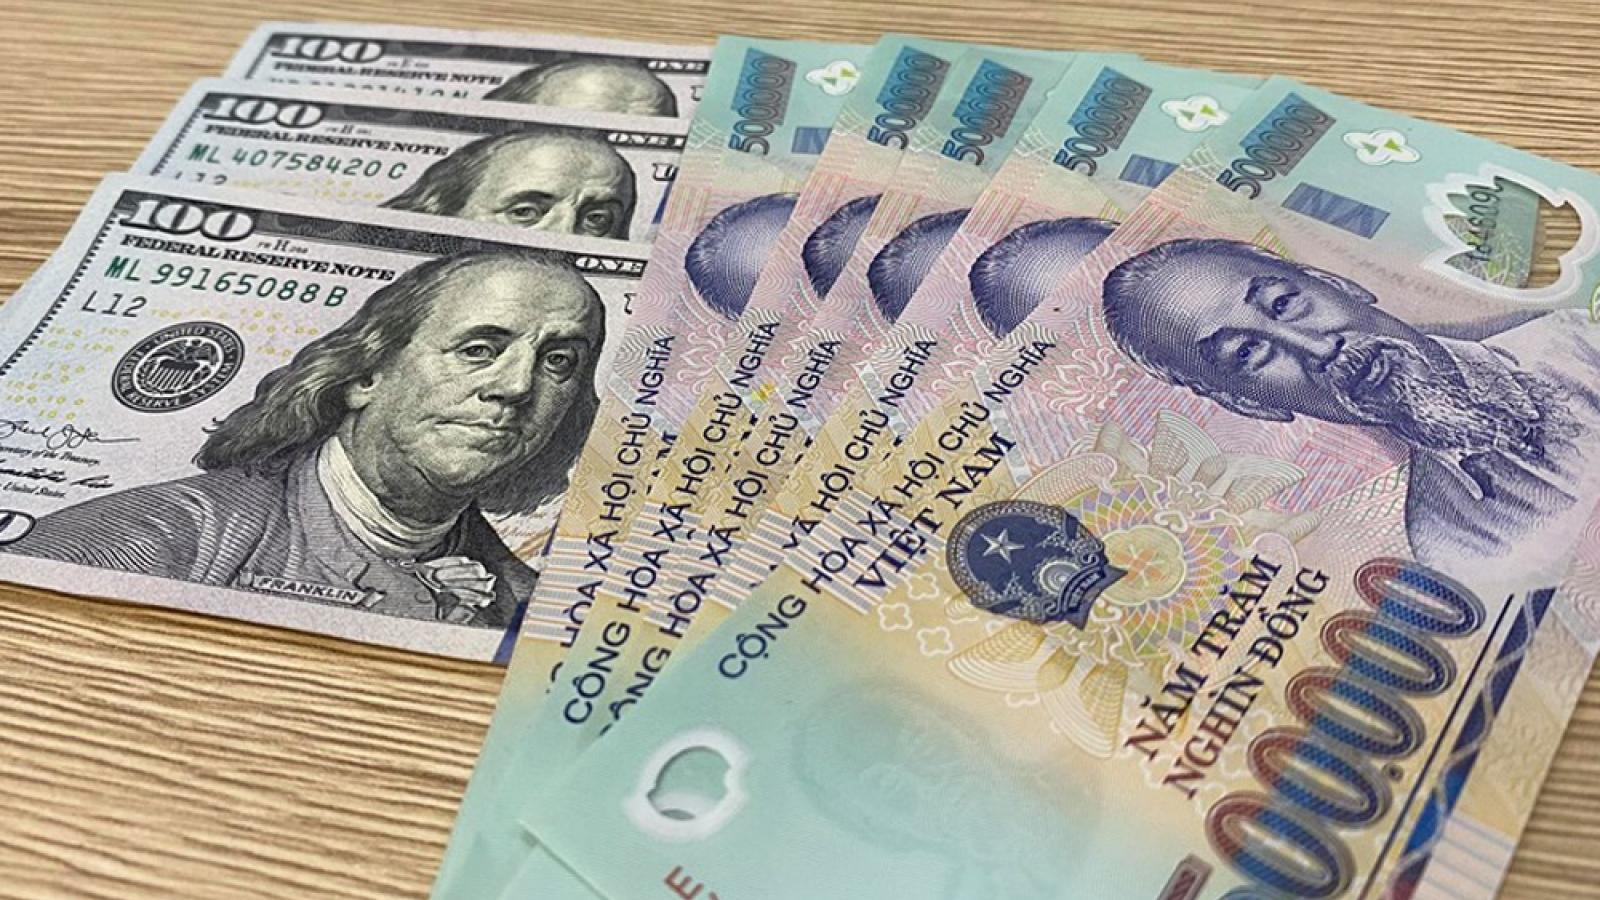 Tỷ giá trung tâm giảm nhẹ, xuống còn 23.208 VND/USD